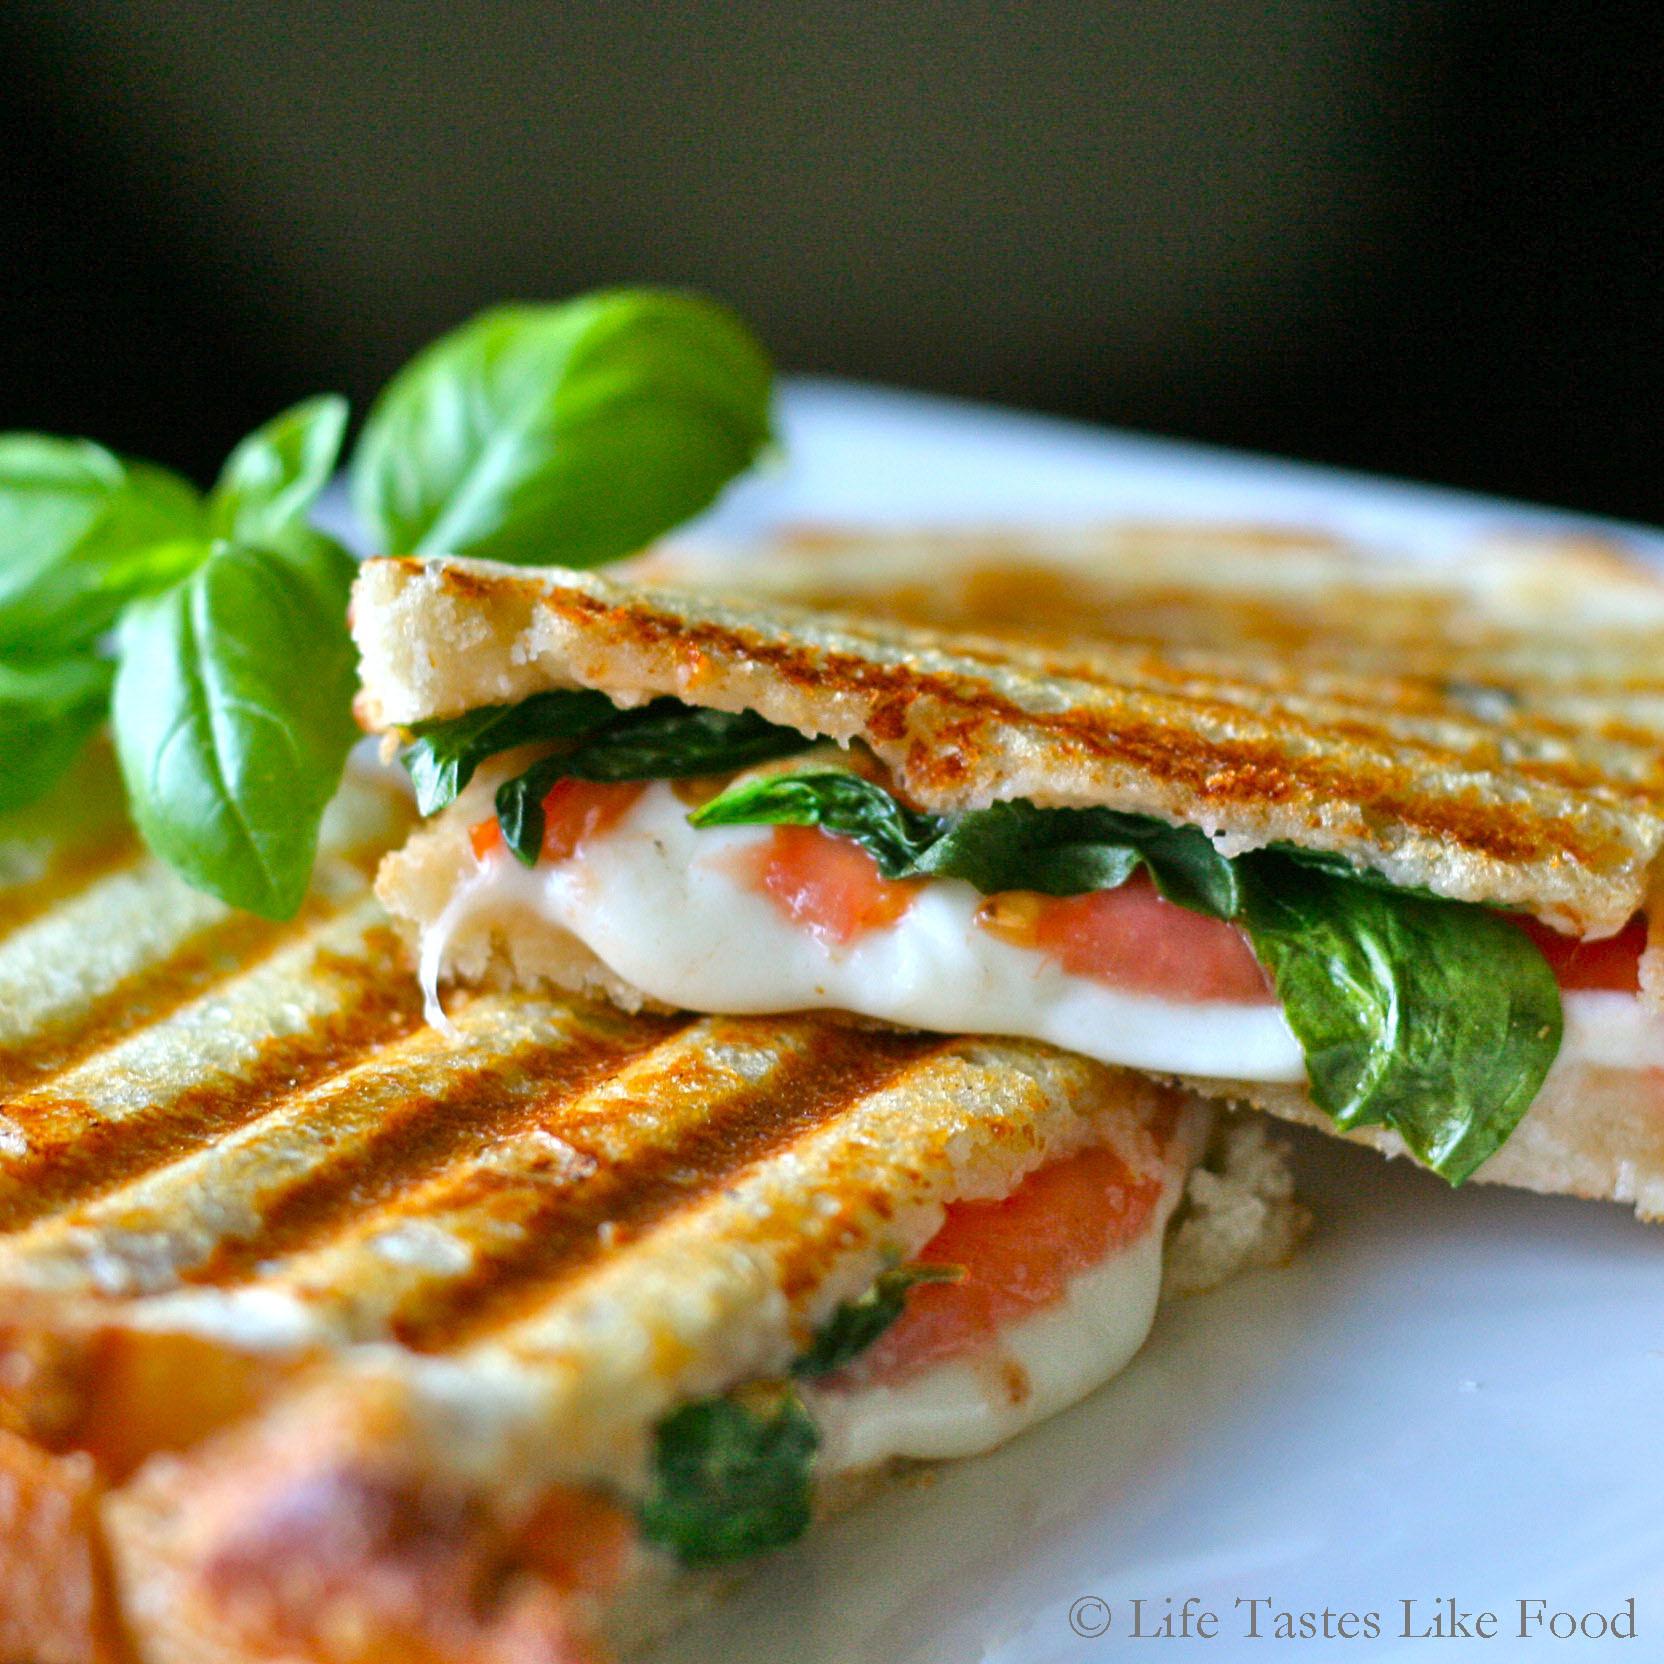 Panini Press Recipes  Easy Healthy Recipe Italian Panini